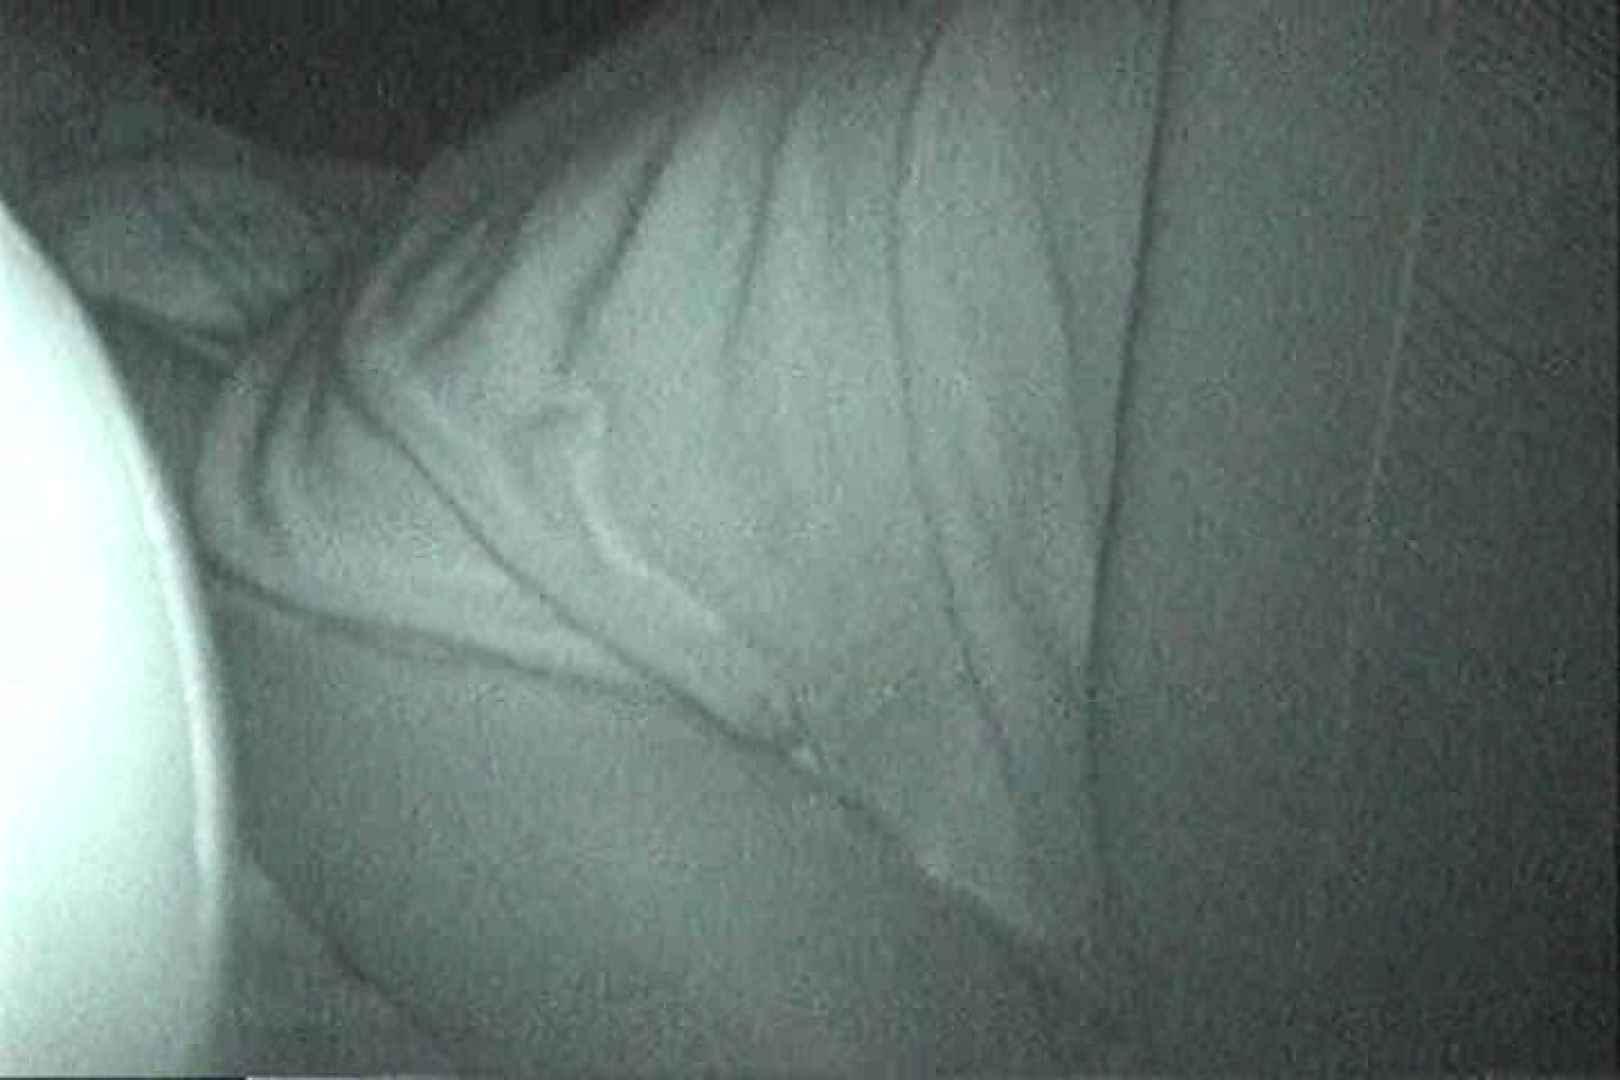 充血監督の深夜の運動会Vol.157 OLセックス   車  109画像 85